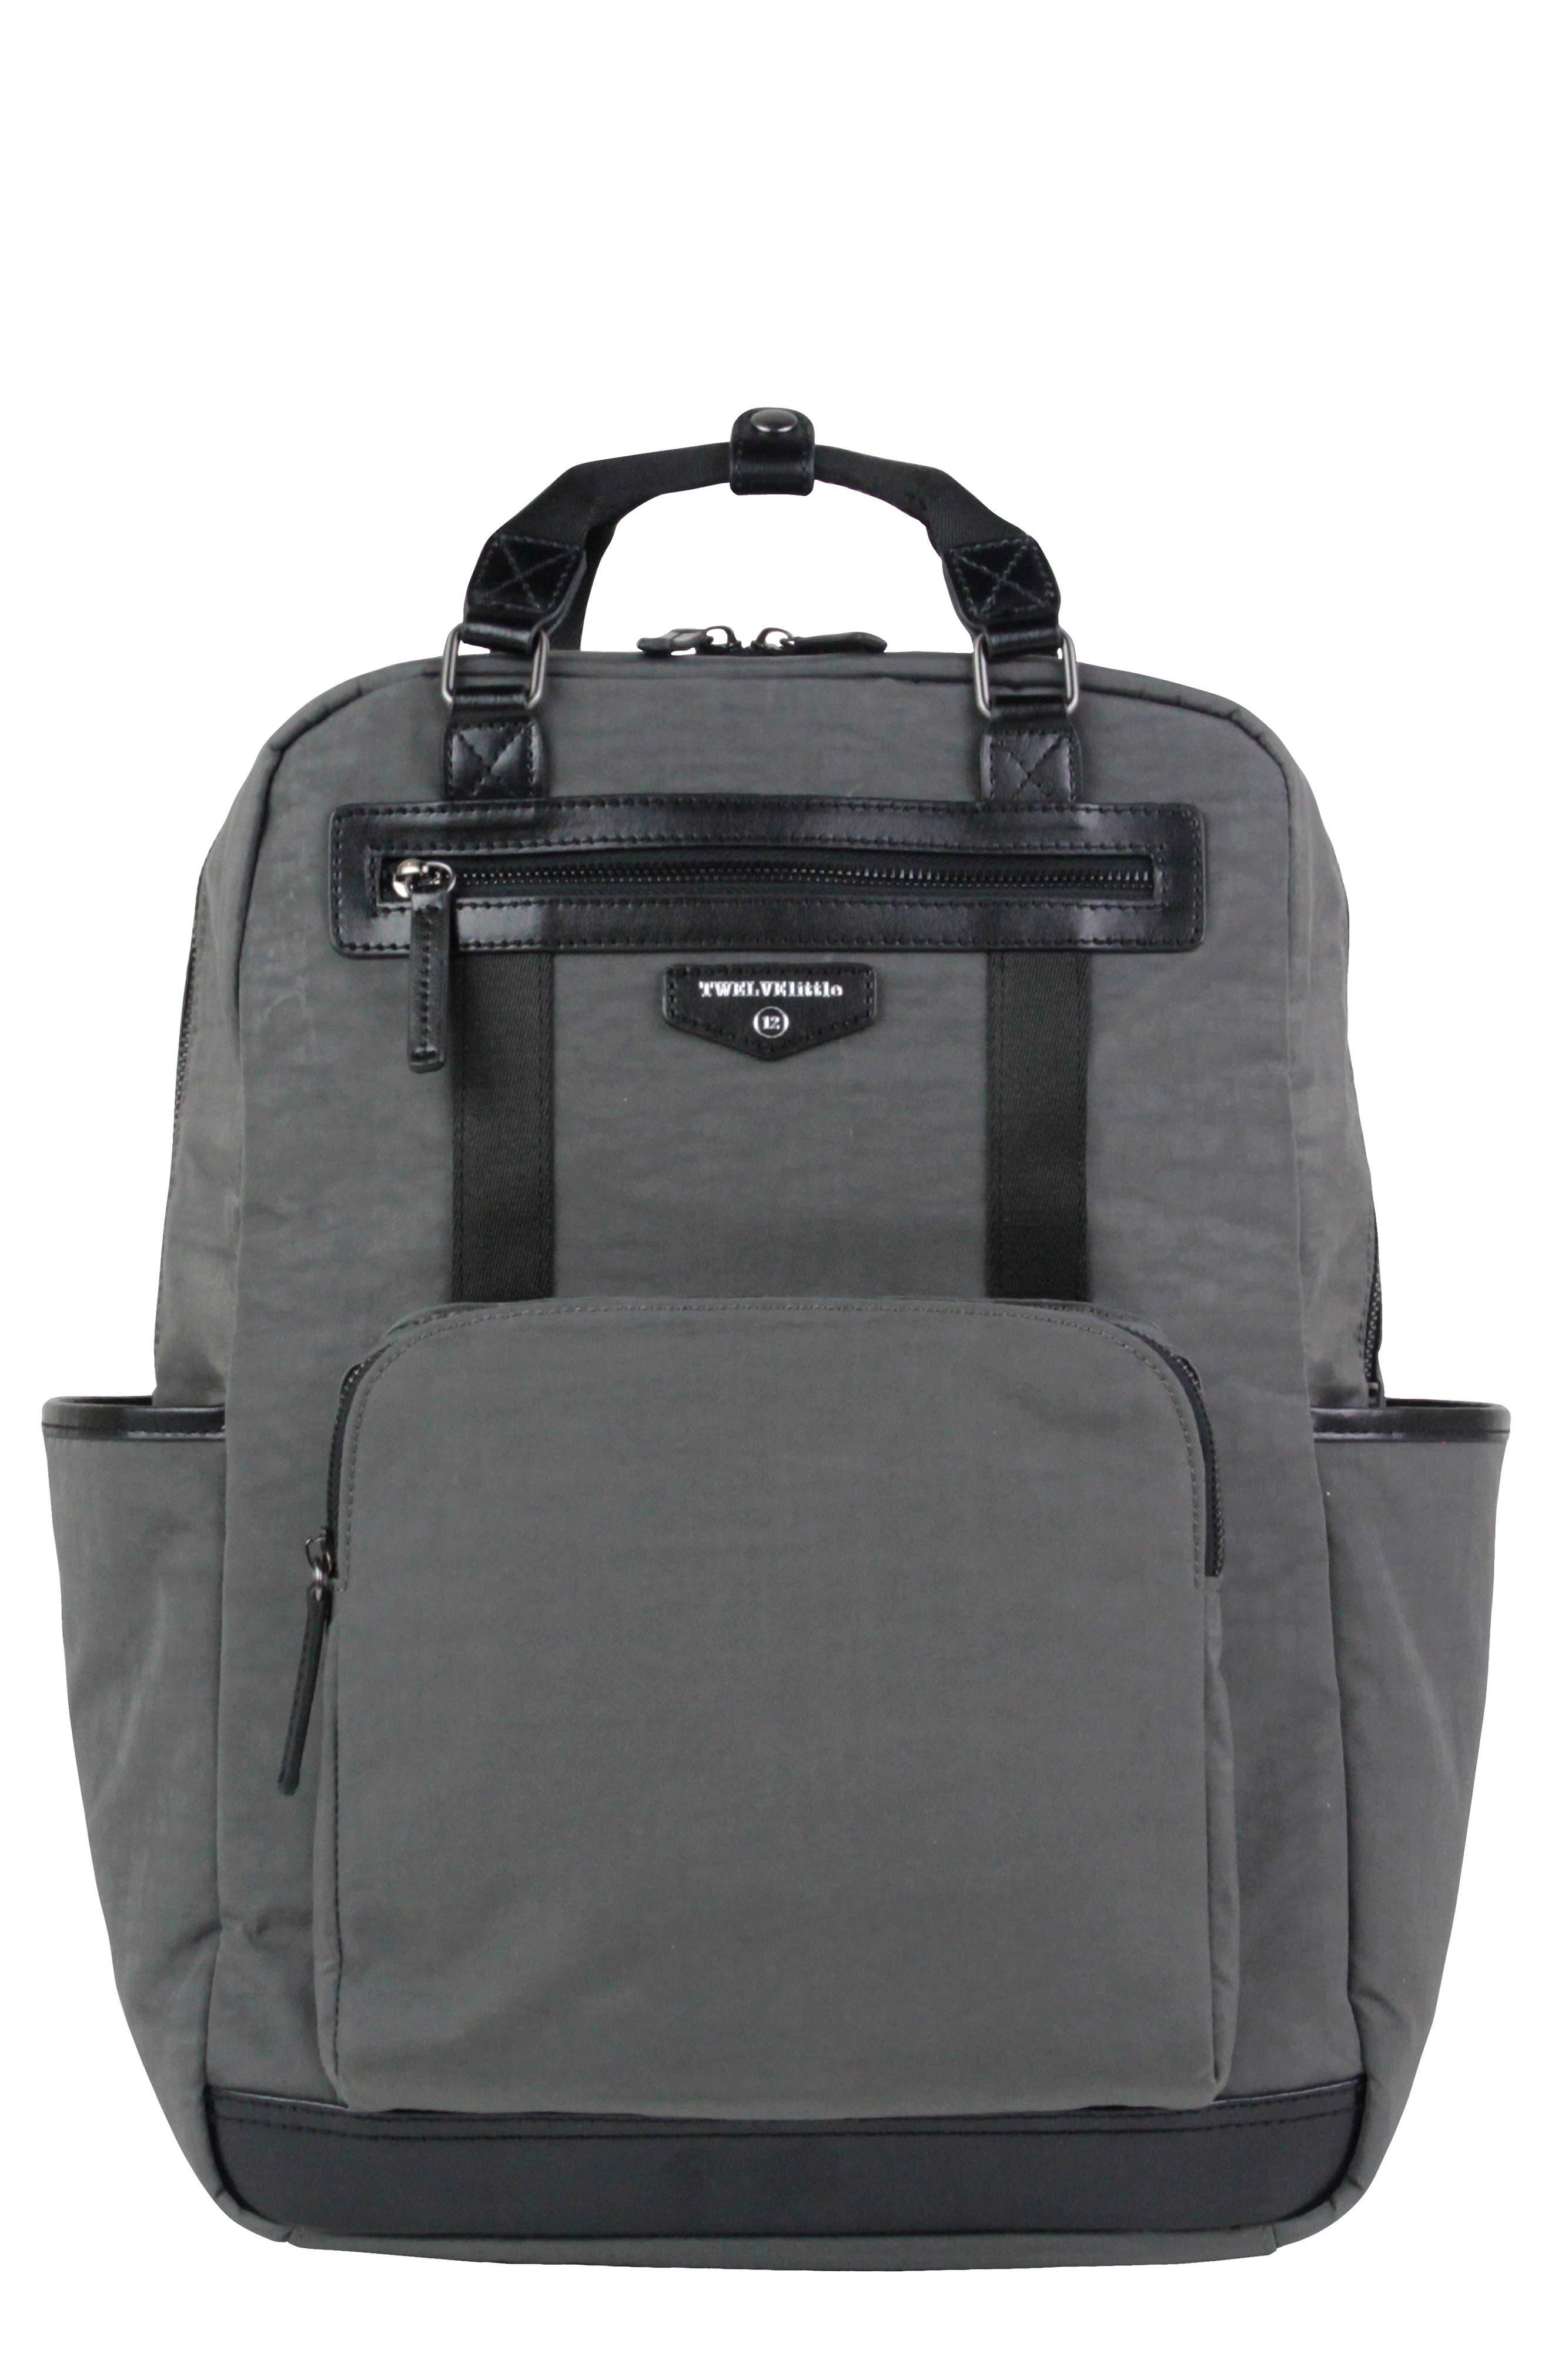 TWELVELITTLE 'Courage' Unisex Backpack Diaper Bag, Main, color, DARK GREY